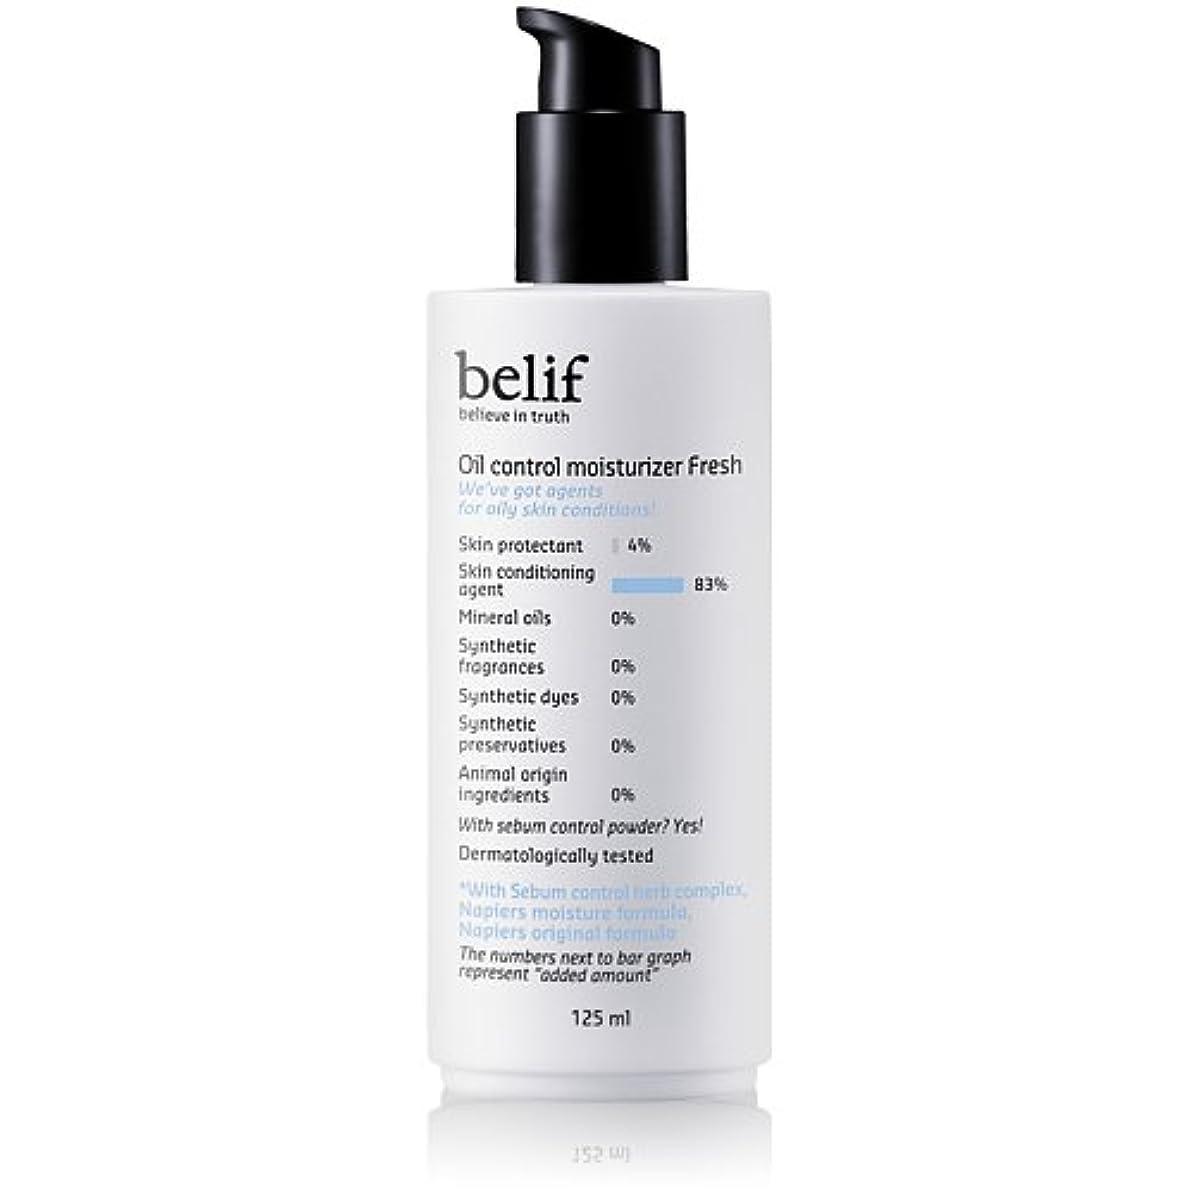 サーカス温室試験Belif(ビリーフ)Oil control moisturizer fresh 125ml/ビリーフオイルコントロールモイスチャライザーフレッシュ?脂性肌用[韓国コスメ/オーガニックコスメ]